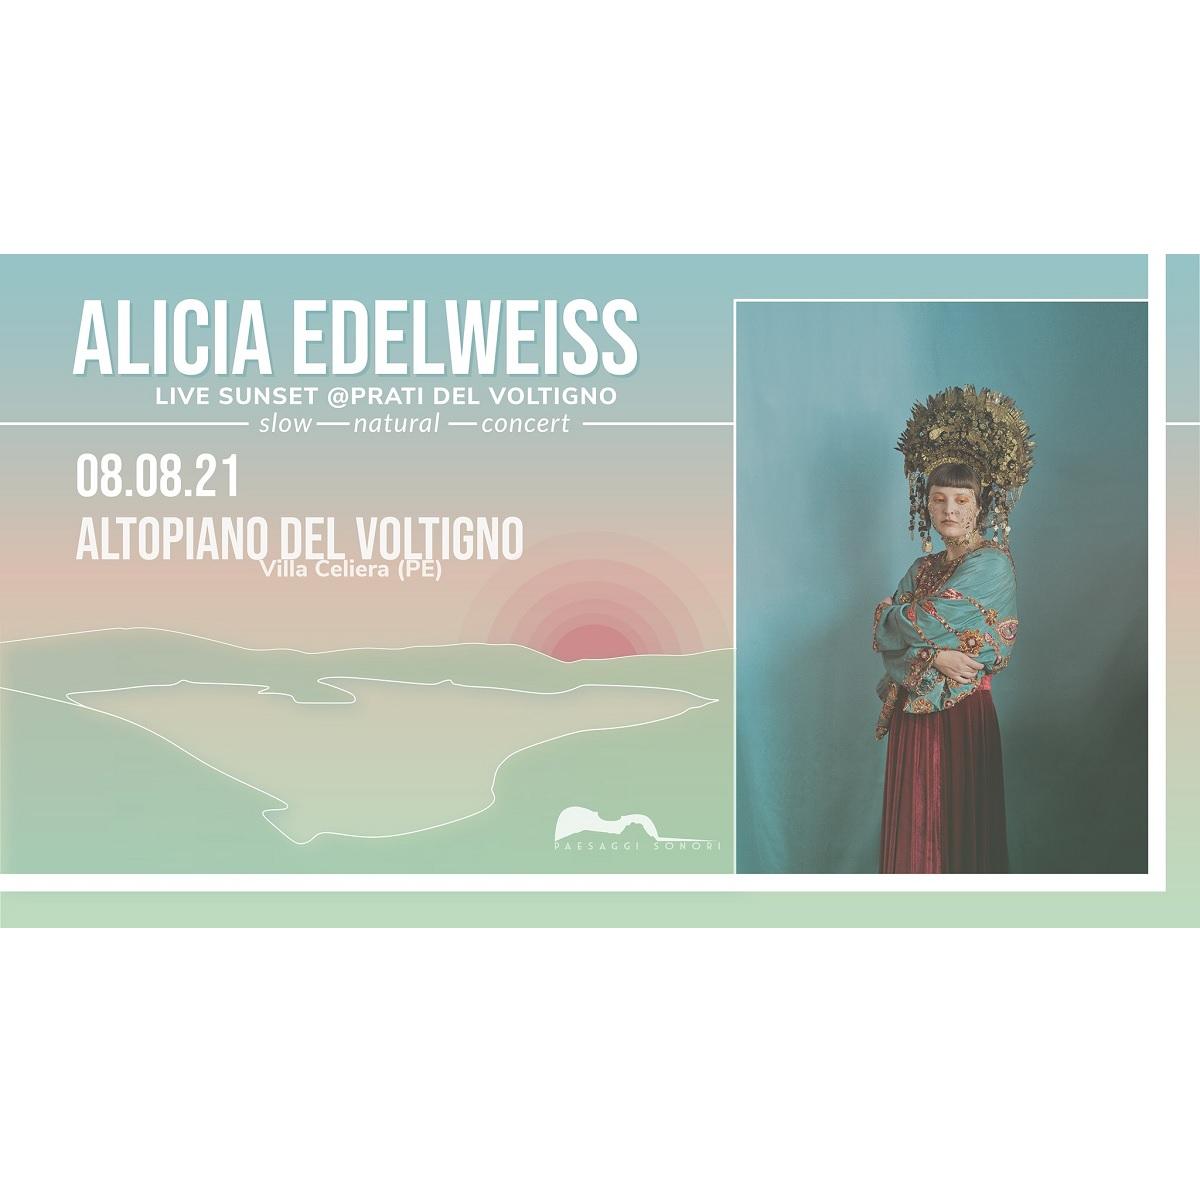 Alicia Edelweiss live sunset presso l'Altopiano del Voltigno foto